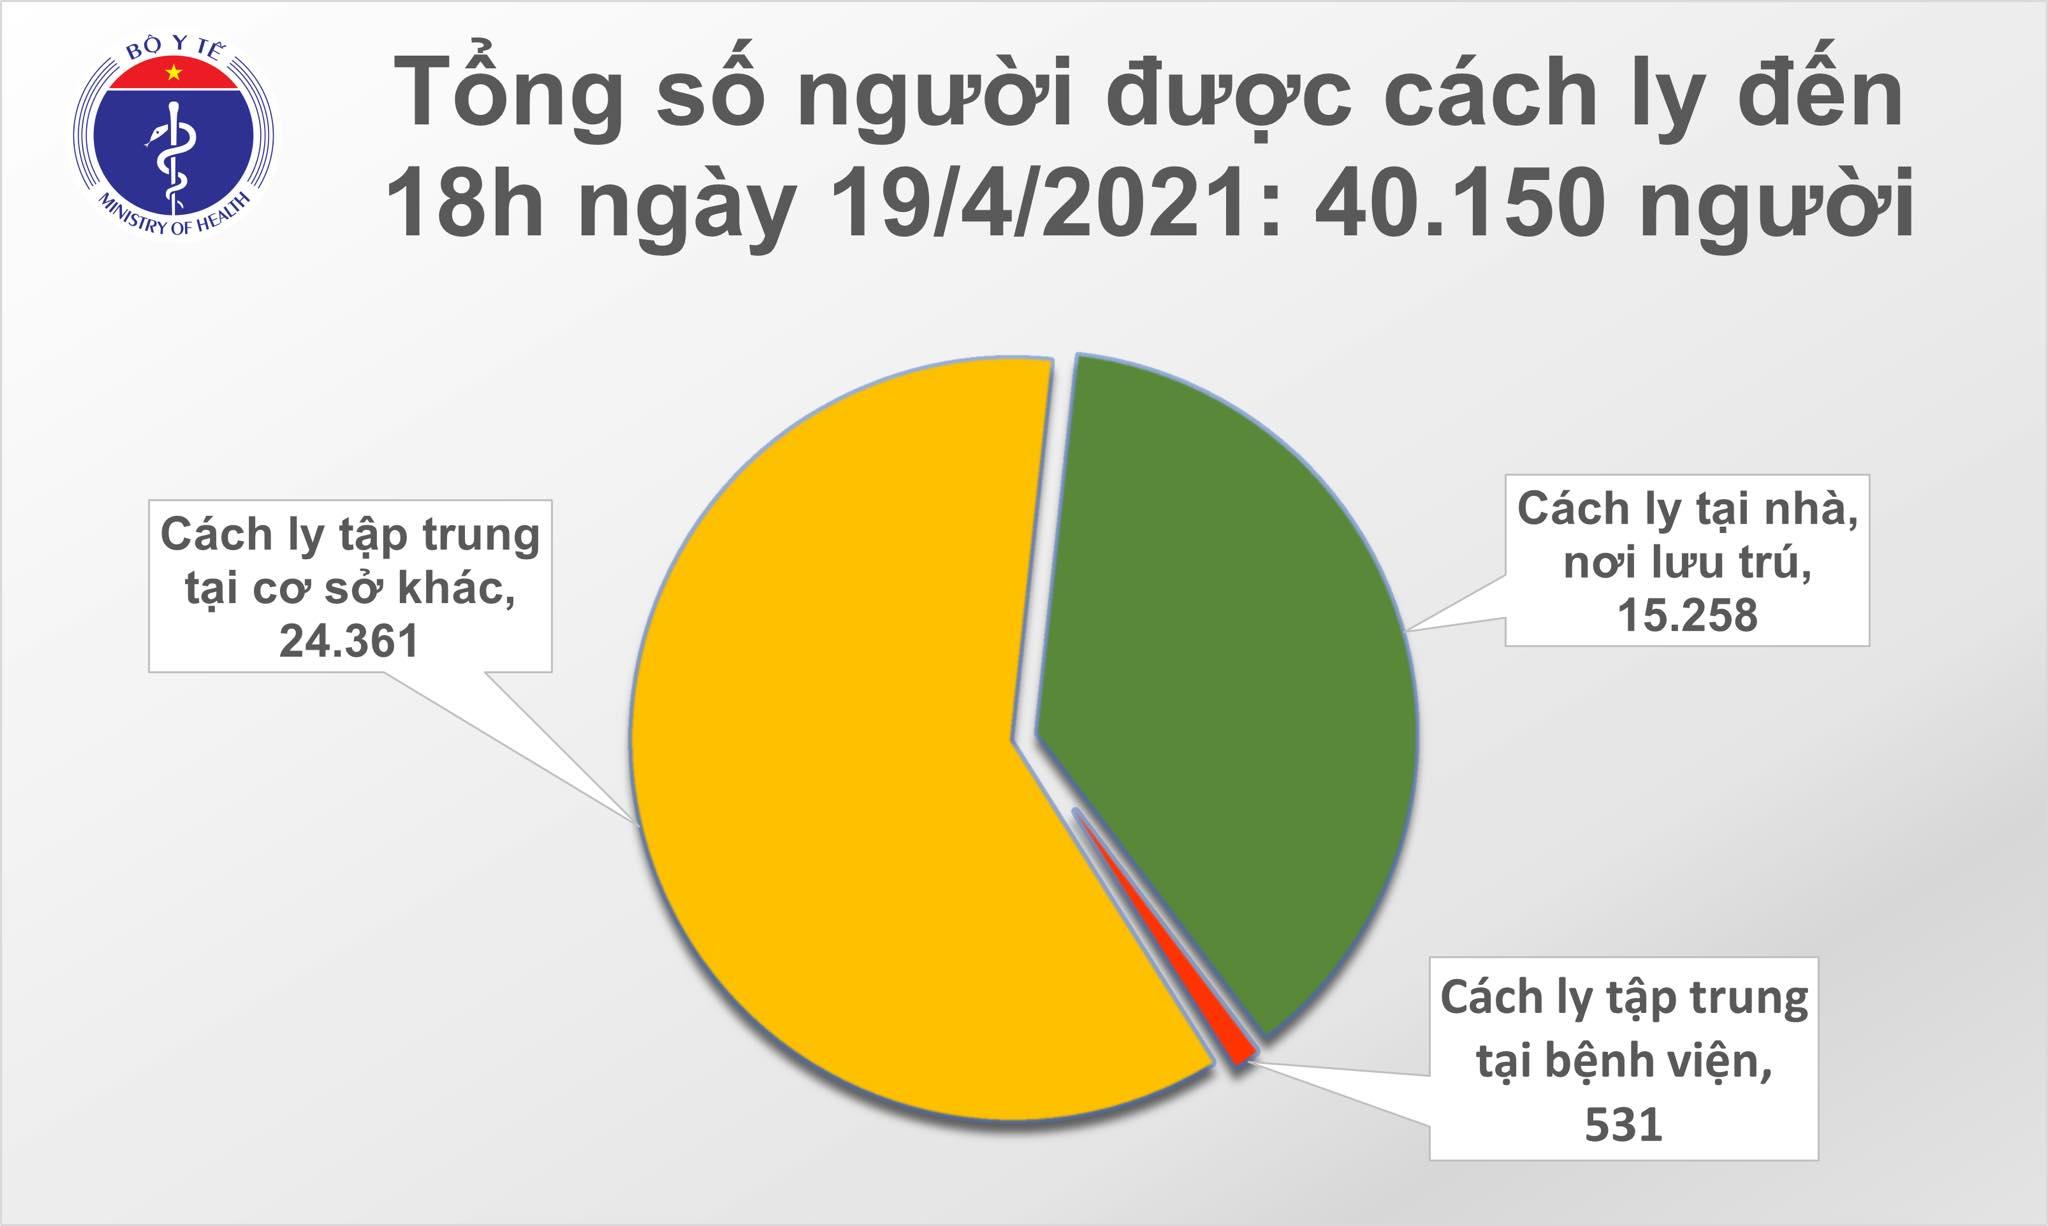 Chiều 19/4: Thêm 6 ca mắc COVID-19 tại Tây Ninh và 3 địa phương khác 1